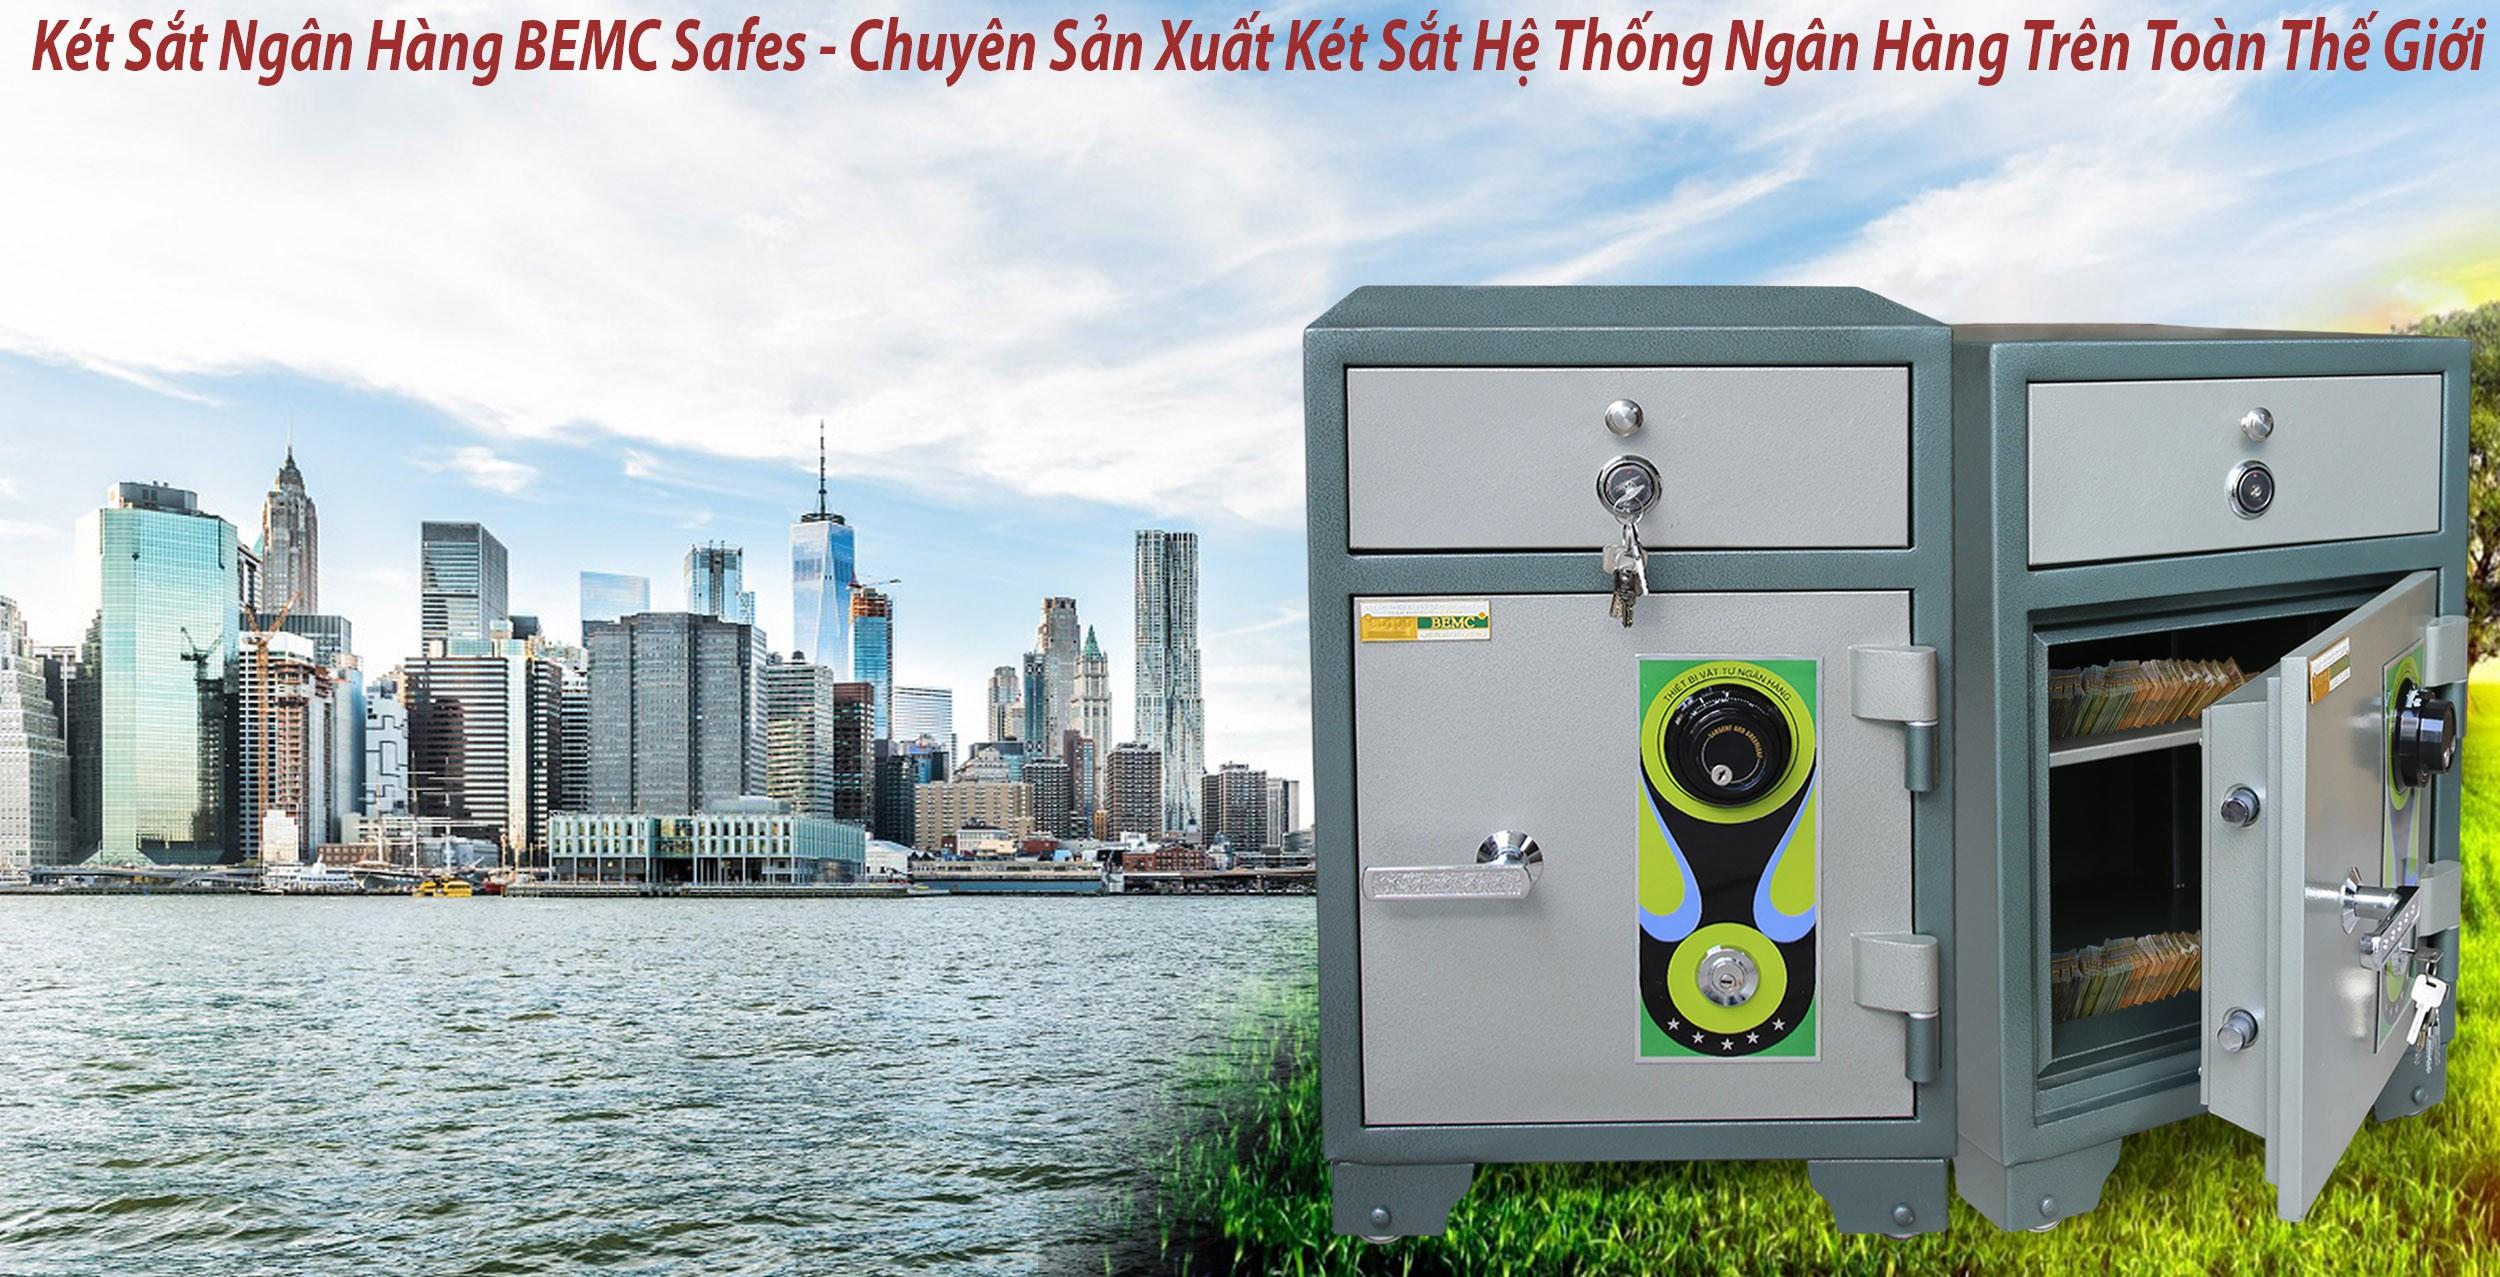 hình ảnh sản phẩm két sắt ngân hàng nhà nước tại hà nội